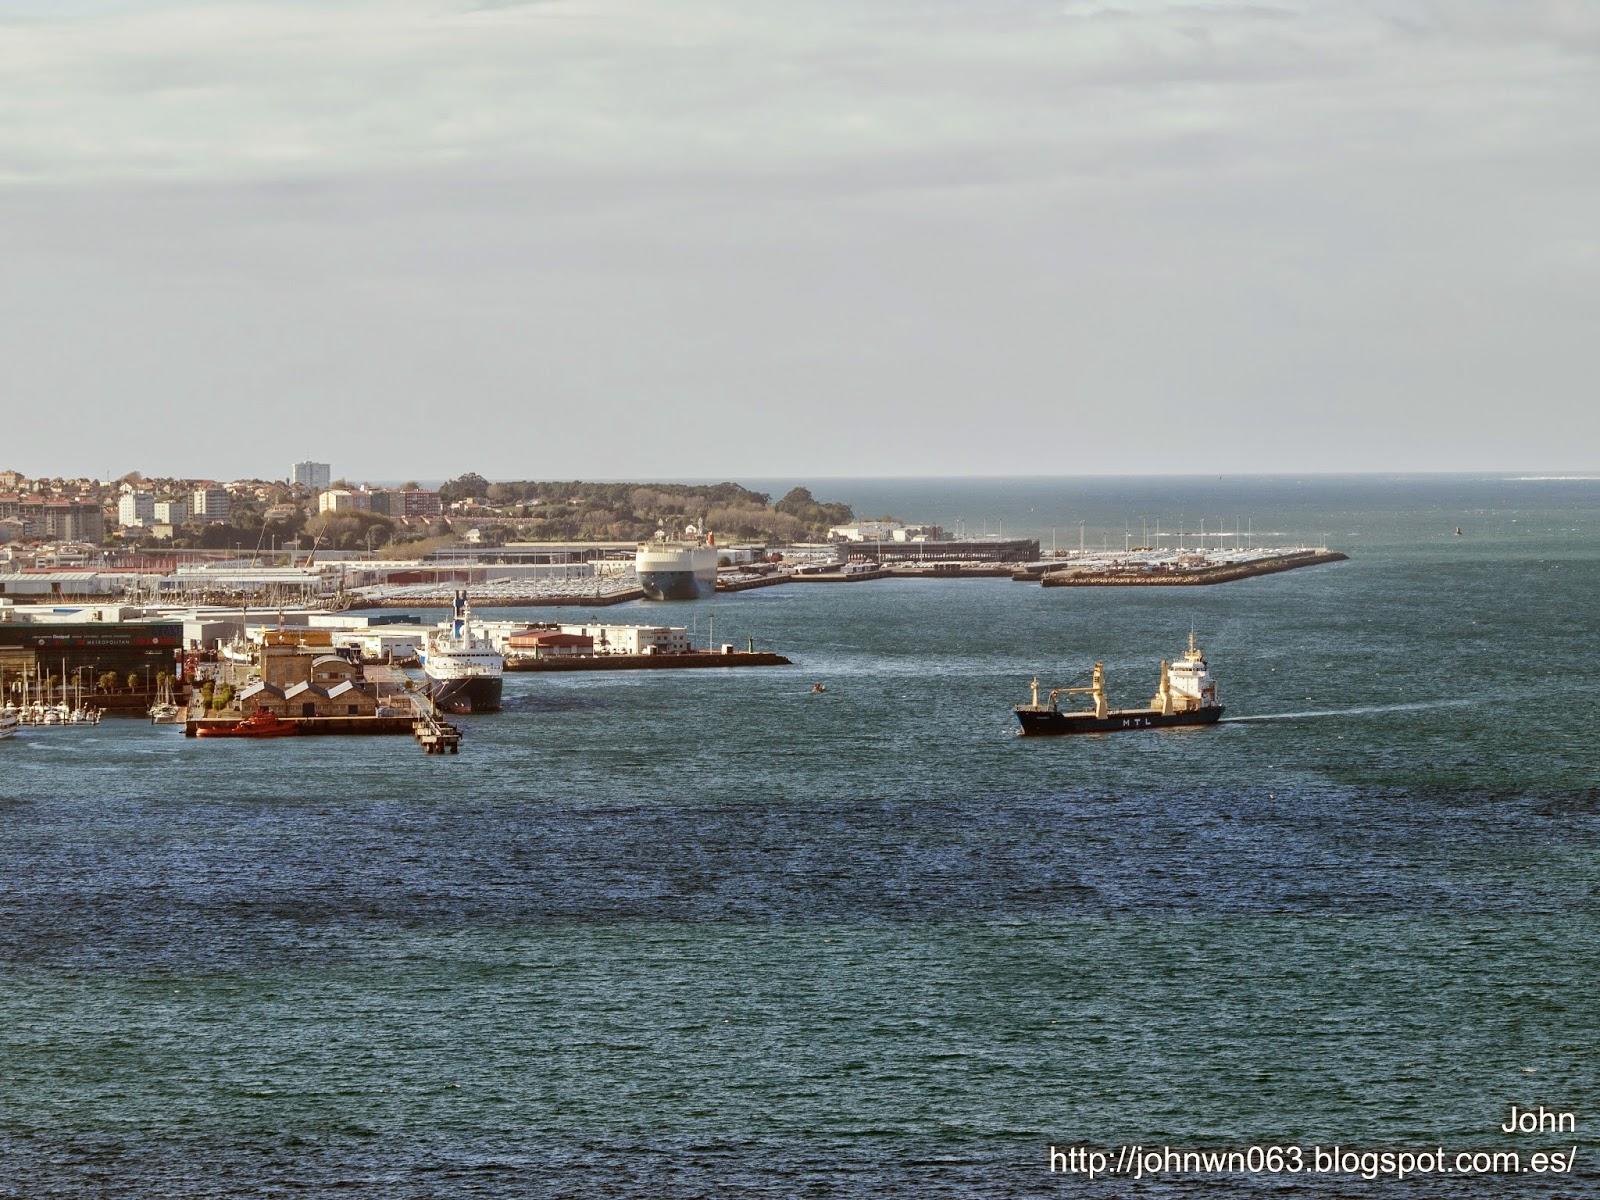 fotos de barcos, imagenes de barcos, feederlines, vennendiep, carga general, vigo